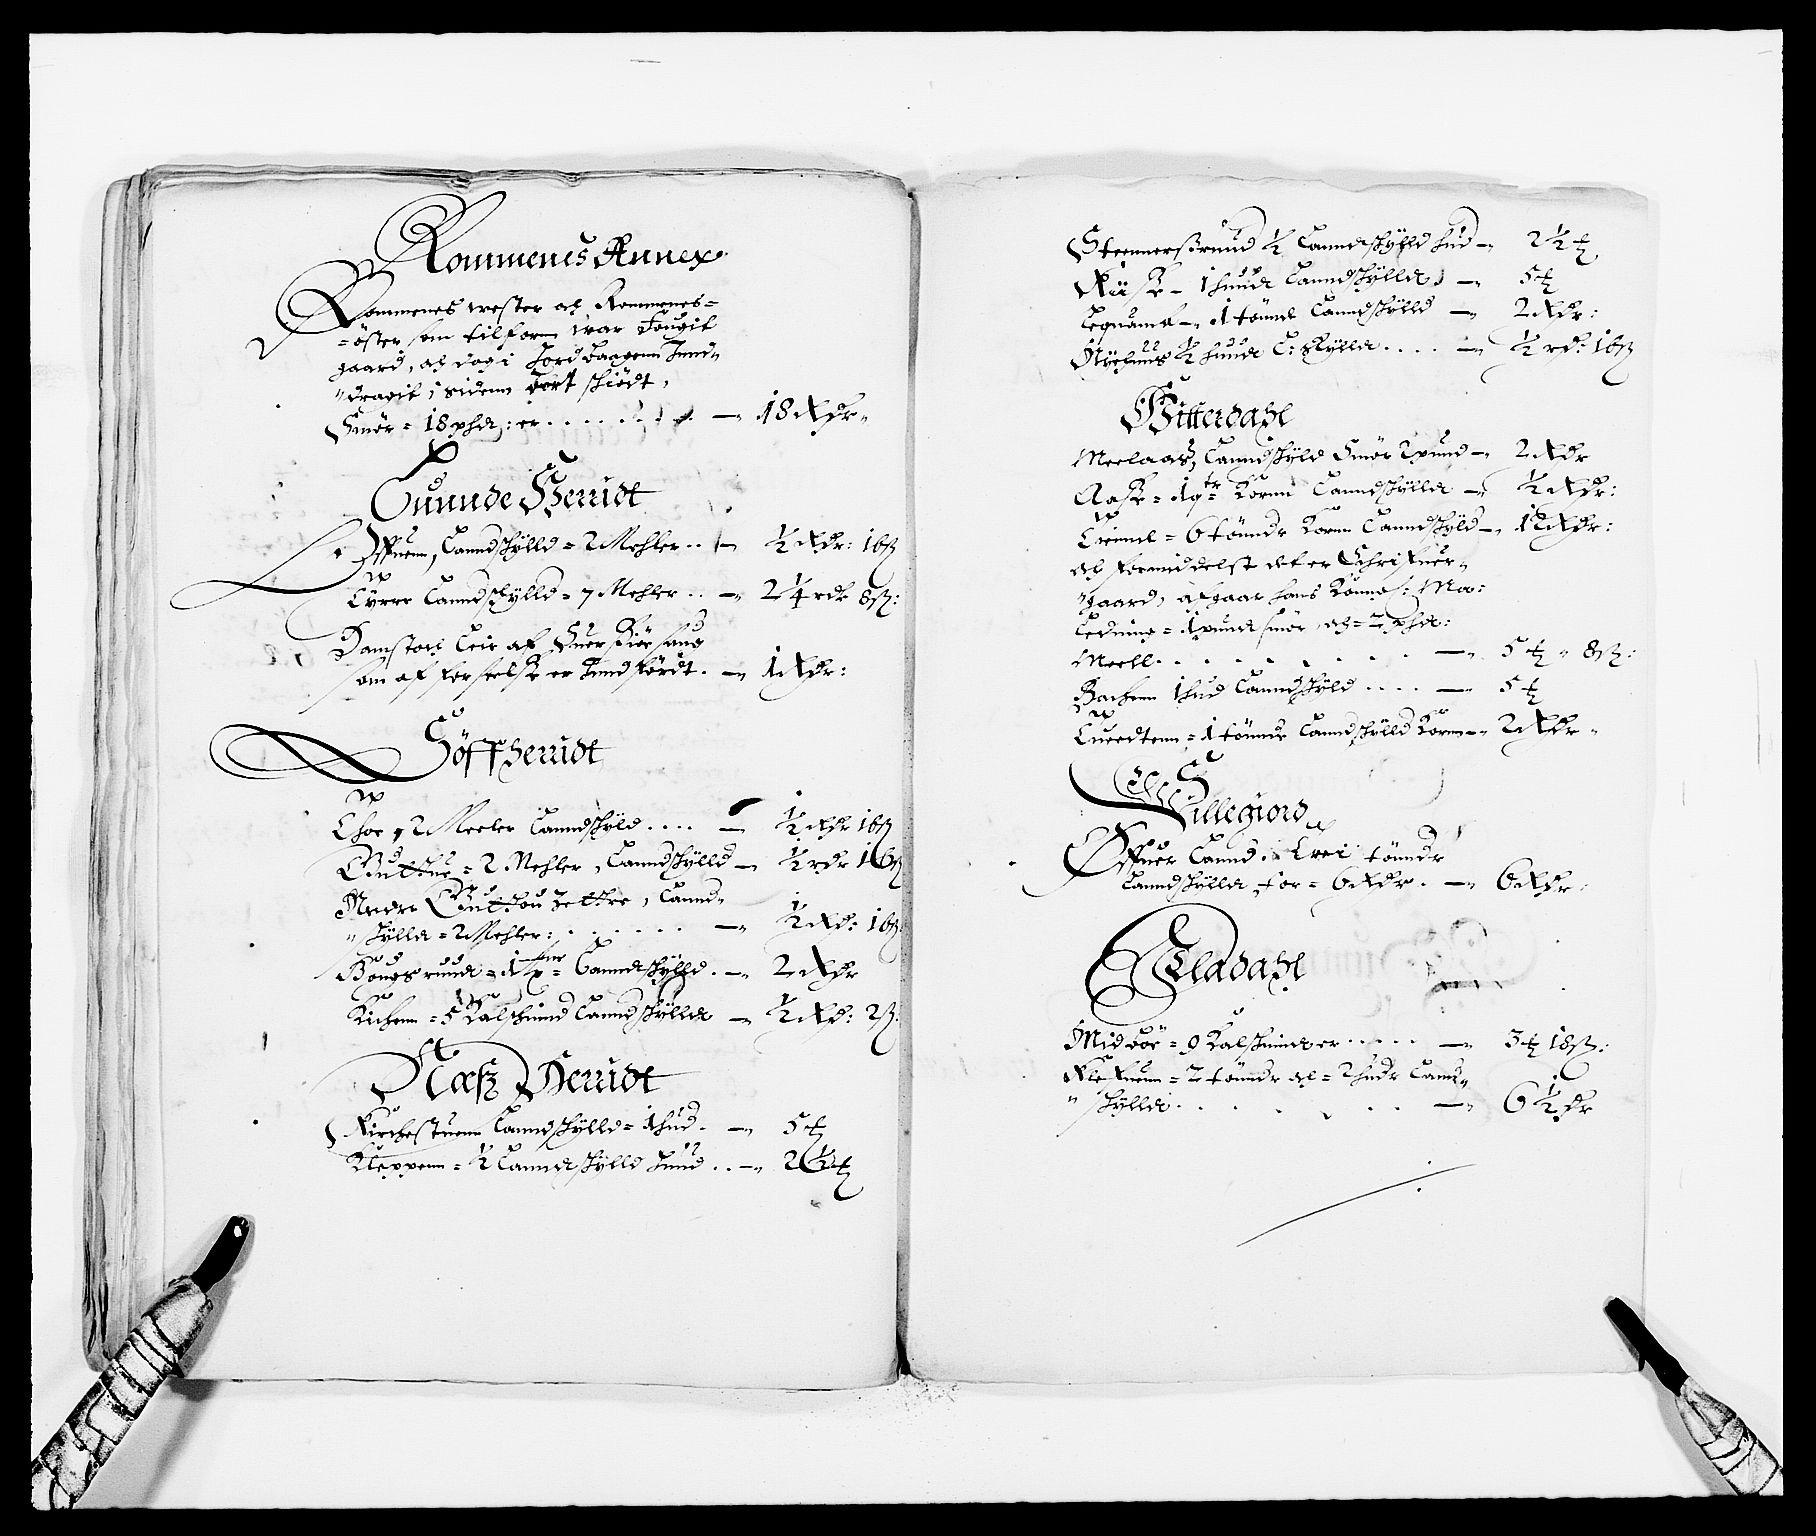 RA, Rentekammeret inntil 1814, Reviderte regnskaper, Fogderegnskap, R35/L2056: Fogderegnskap Øvre og Nedre Telemark, 1665, s. 247